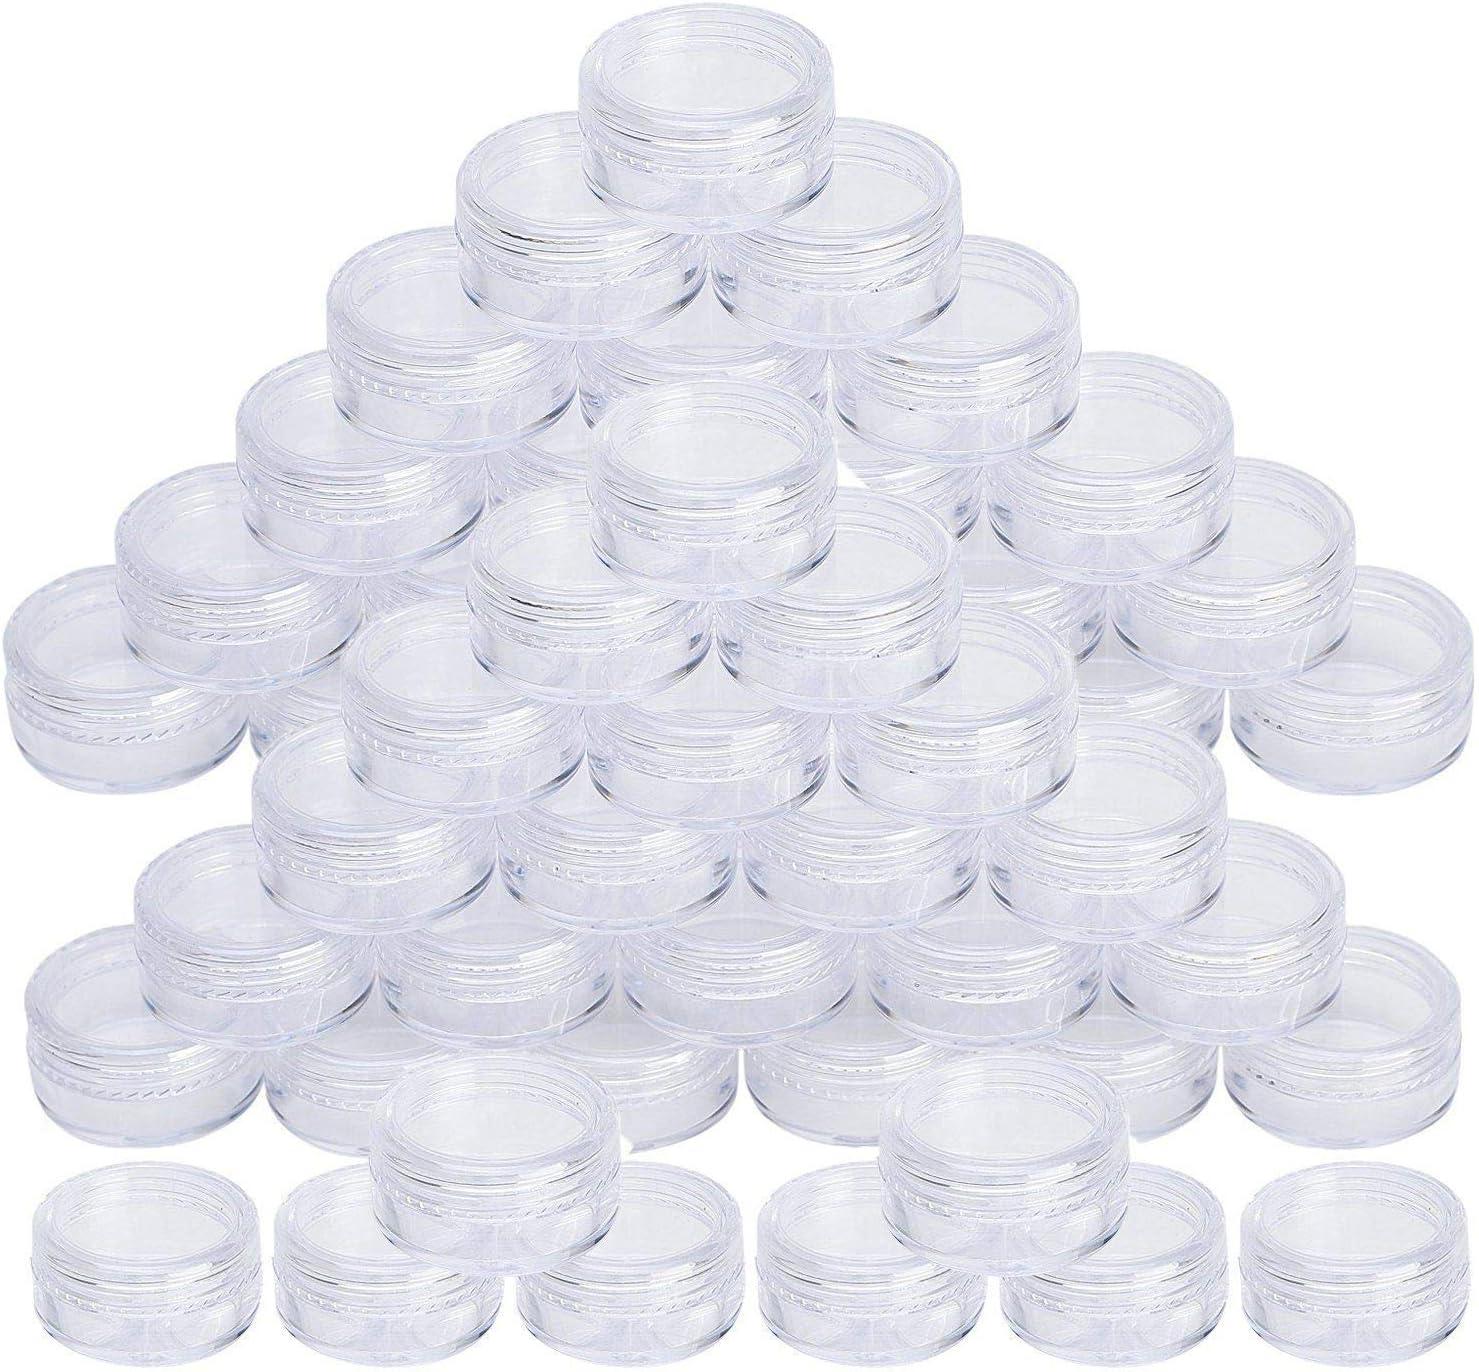 50 pcs 5 ml Envases Cosmetica Vacío Pequeño Botes Cosméticos Plástico Transparente Viaje Muestra con Tapa para Bálsamo Labial Crema Loción Polvos Sombras de Ojos Arenas y Cuentas